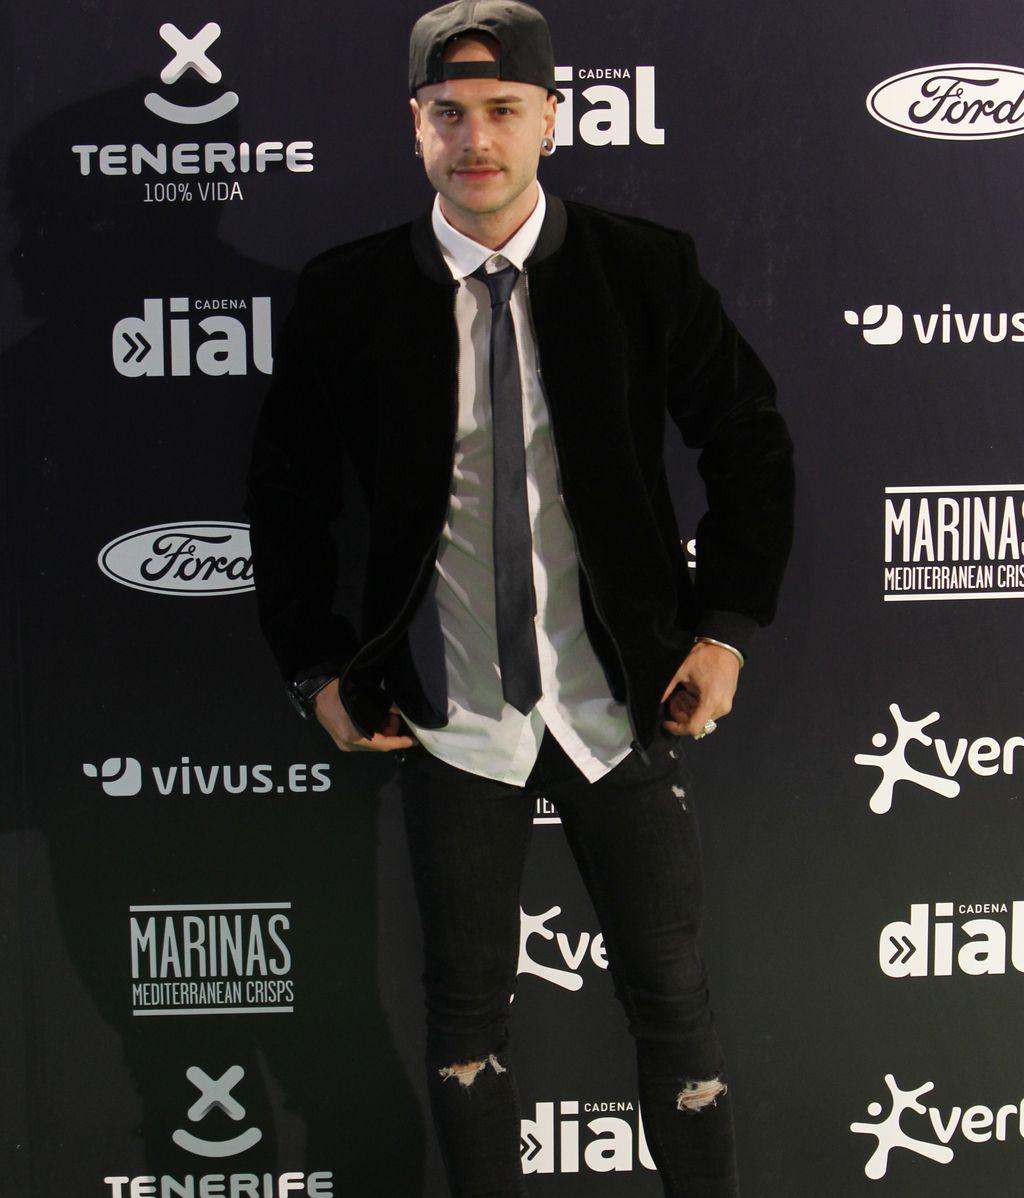 El actor Adrián Rodríguez con un 'look' muy completo